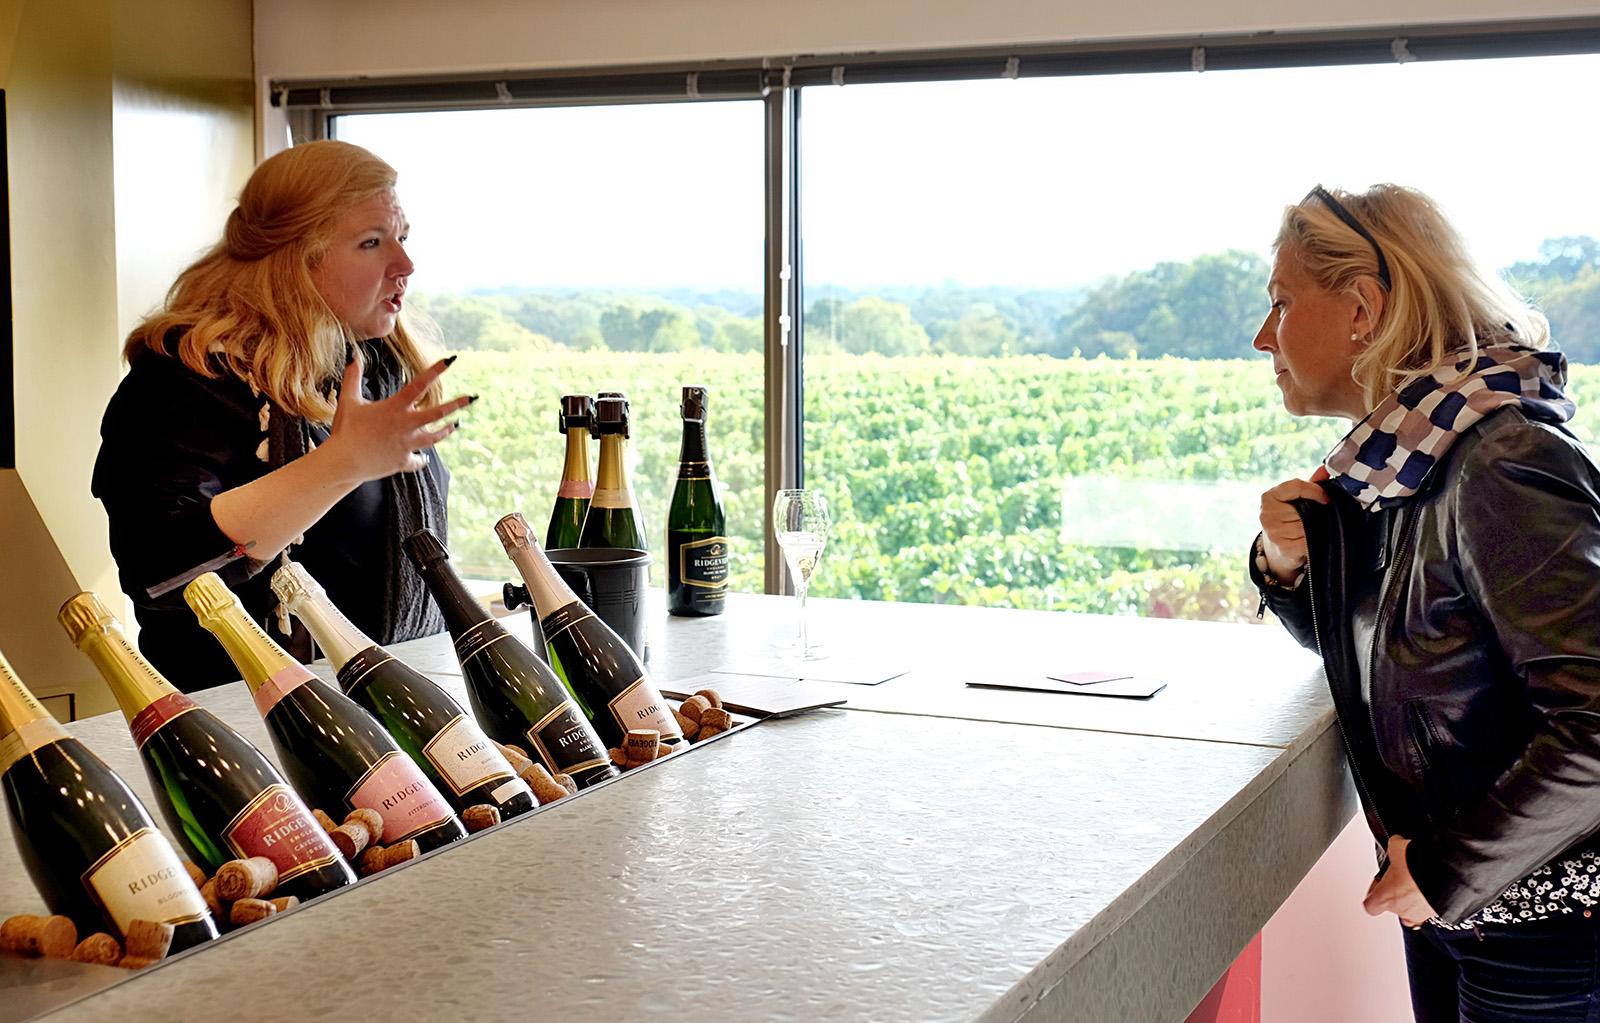 Vinařství Ridgeview v East Sussexu patří mezi průkopníky v produkci šumivých vín